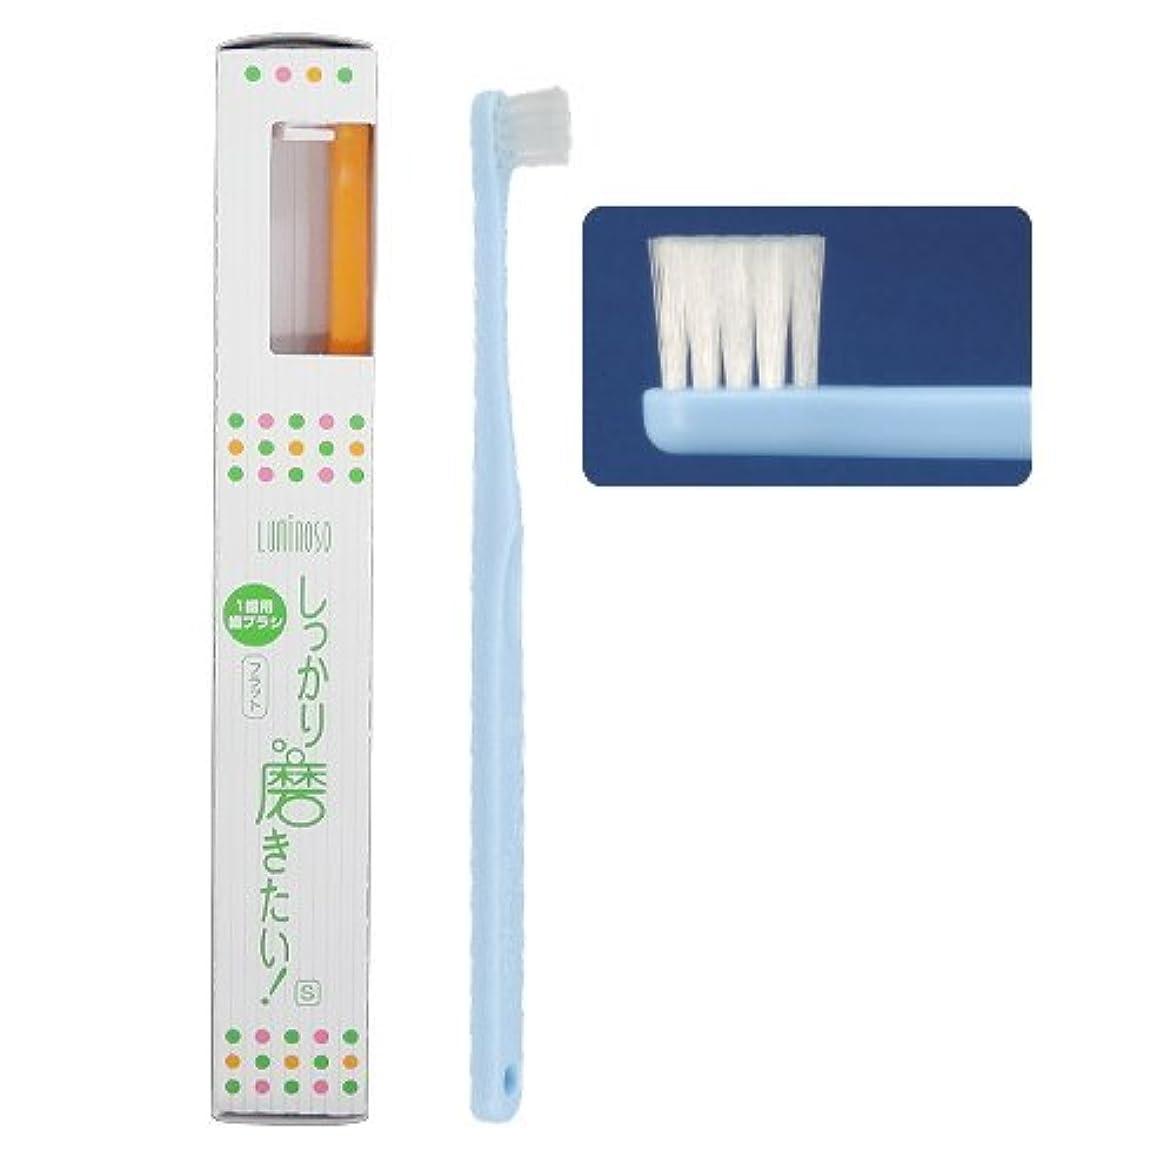 月曜日演じる原点ルミノソ 1歯用歯ブラシ 「しっかり磨きたい!」 フラット ソフト (カラー指定不可) 3本